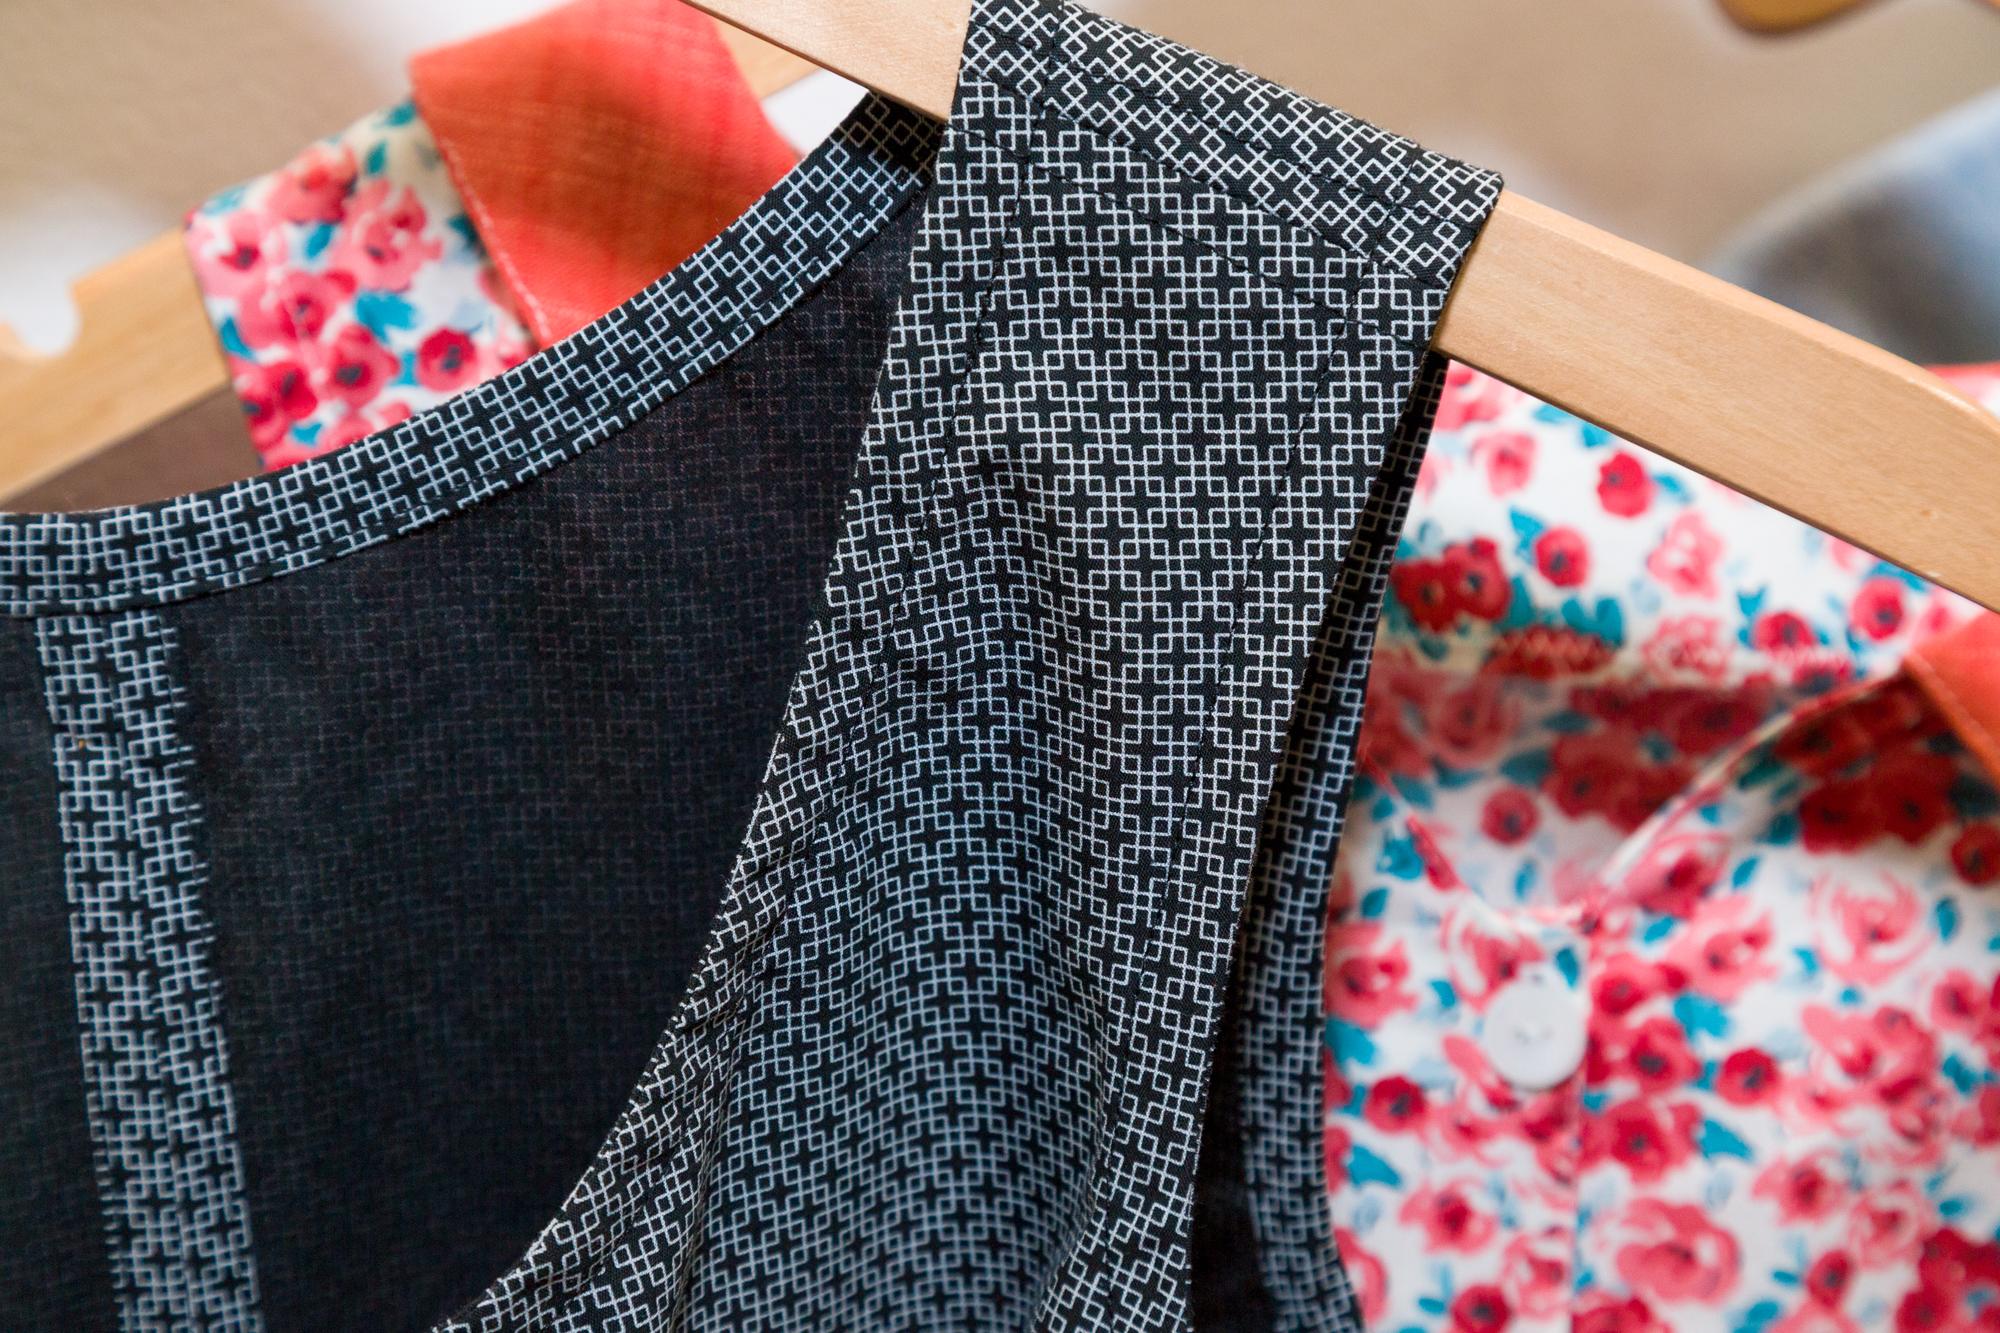 RK_QMspring18_Sewing Studio_008.jpg